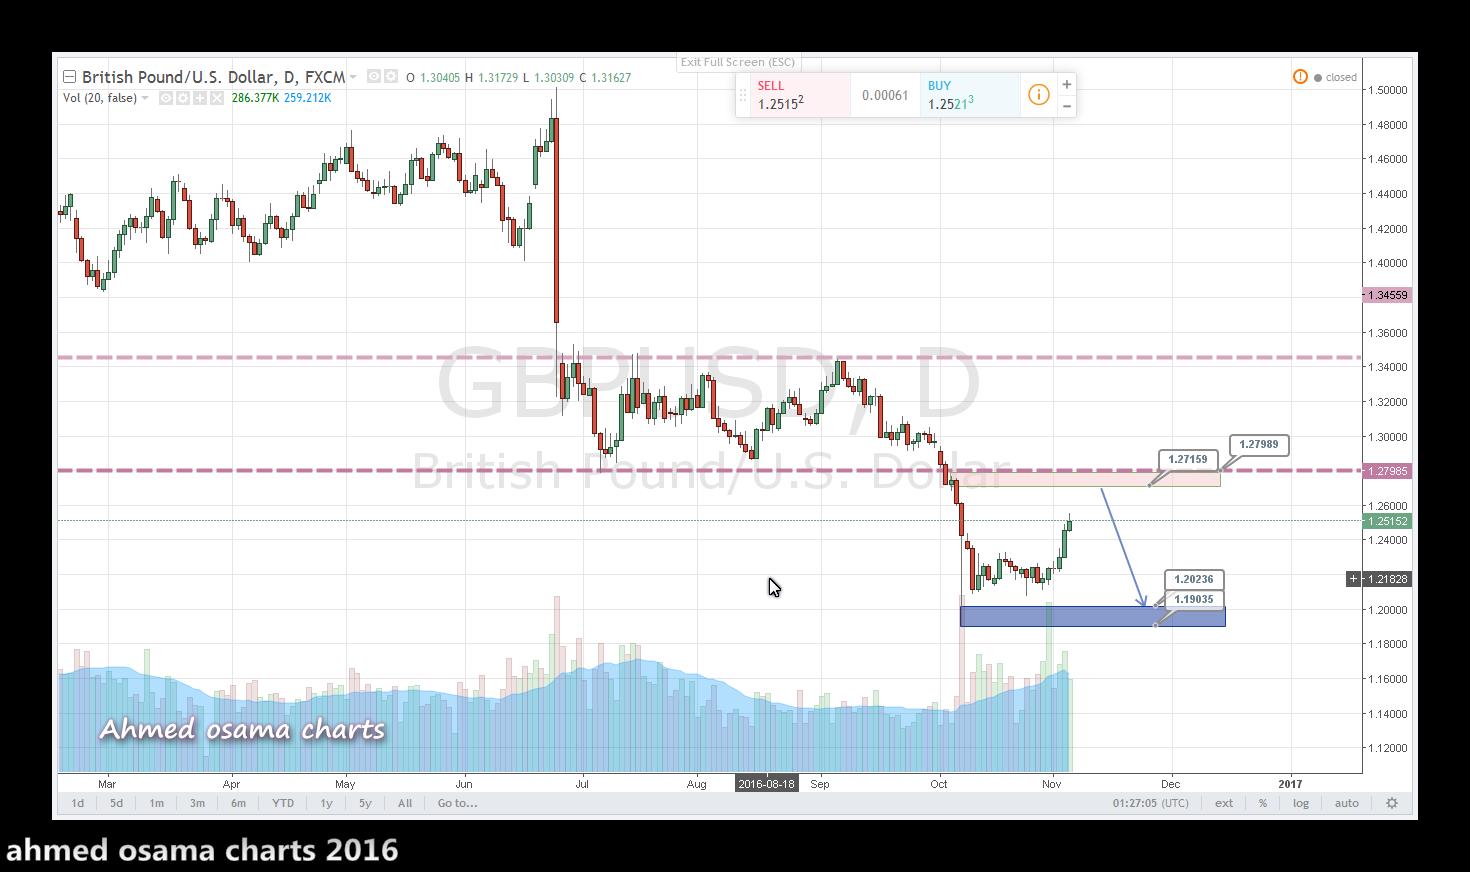 التحليل الفنى للجنيه الاسترلينى مقابل الدولار الامريكى Gbpusd وصفقة بهدف 700 نقطة .